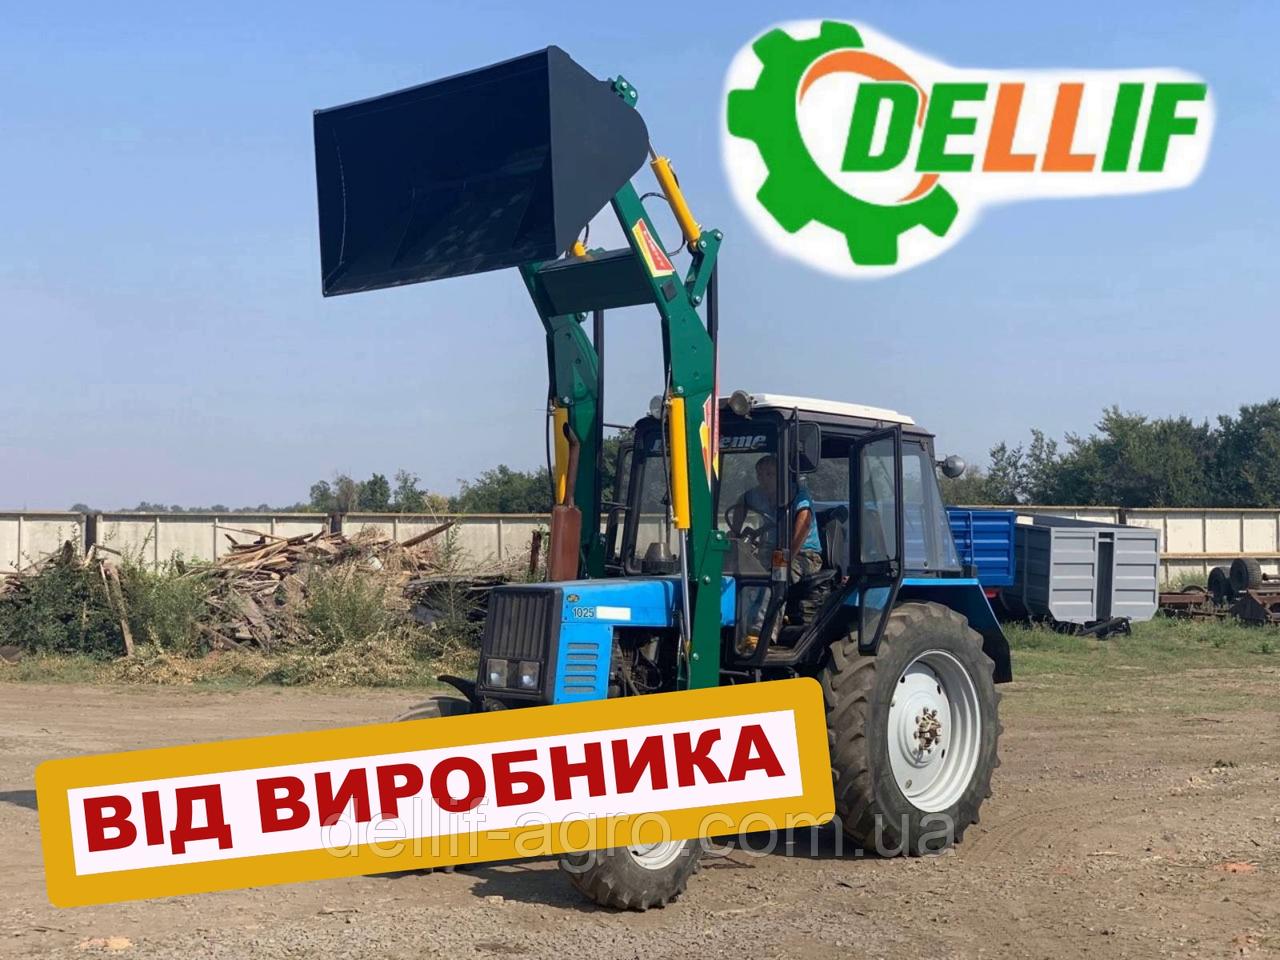 КУН на трактор МТЗ, погрузчик фронтальный Dellif Light 1200, ковш 2м